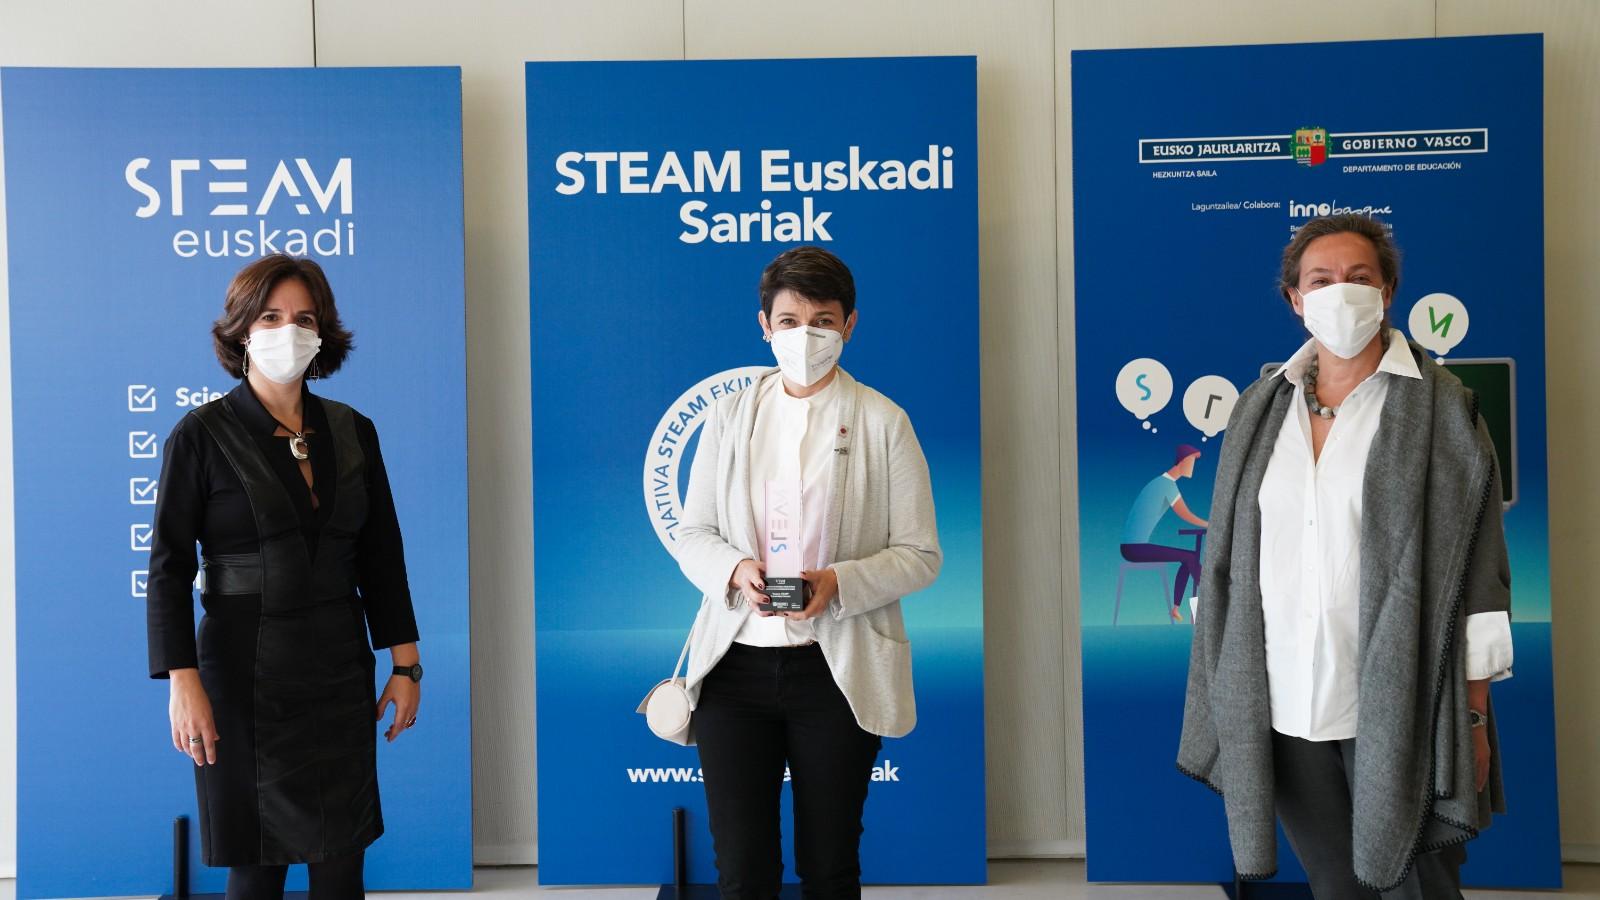 Deusto_STEAM_Euskadi_Sariak__6_.jpg